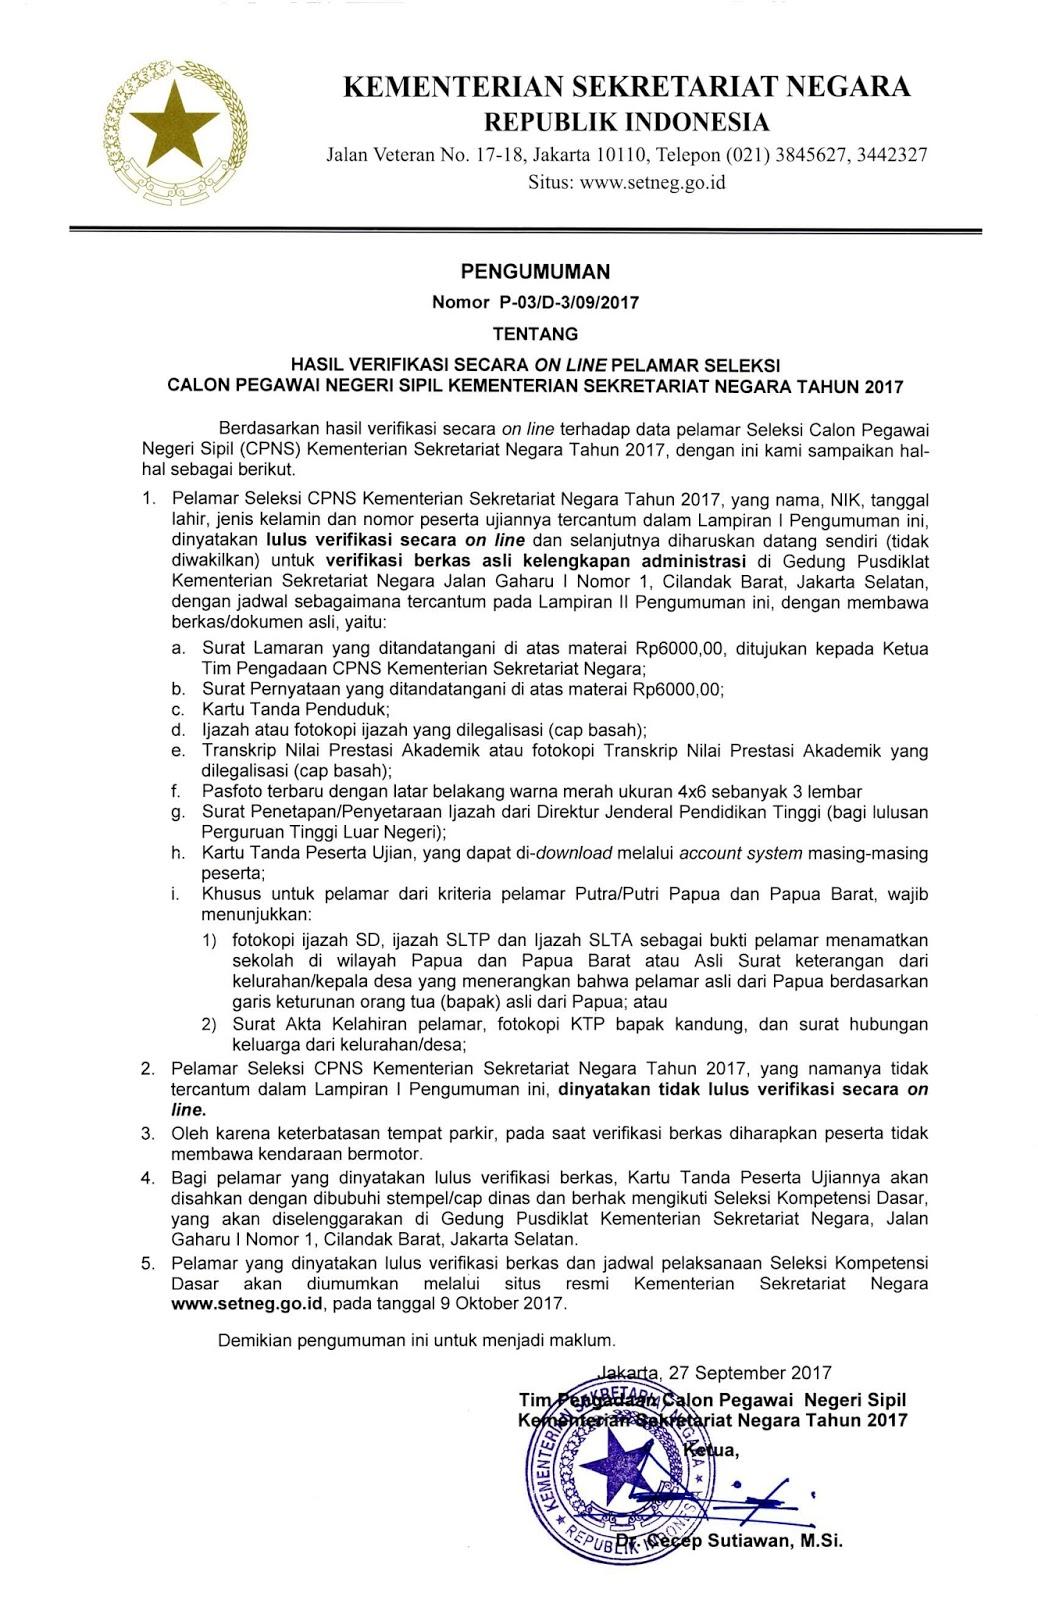 Pengumuman Hasil Seleksi Verifikasi Online dan Jadwal Verifikasi Berkas CPNS Kementerian  Pengumuman Hasil Seleksi Verifikasi Online dan Jadwal Verifikasi Berkas CPNS Kementerian Sekretariat Negara